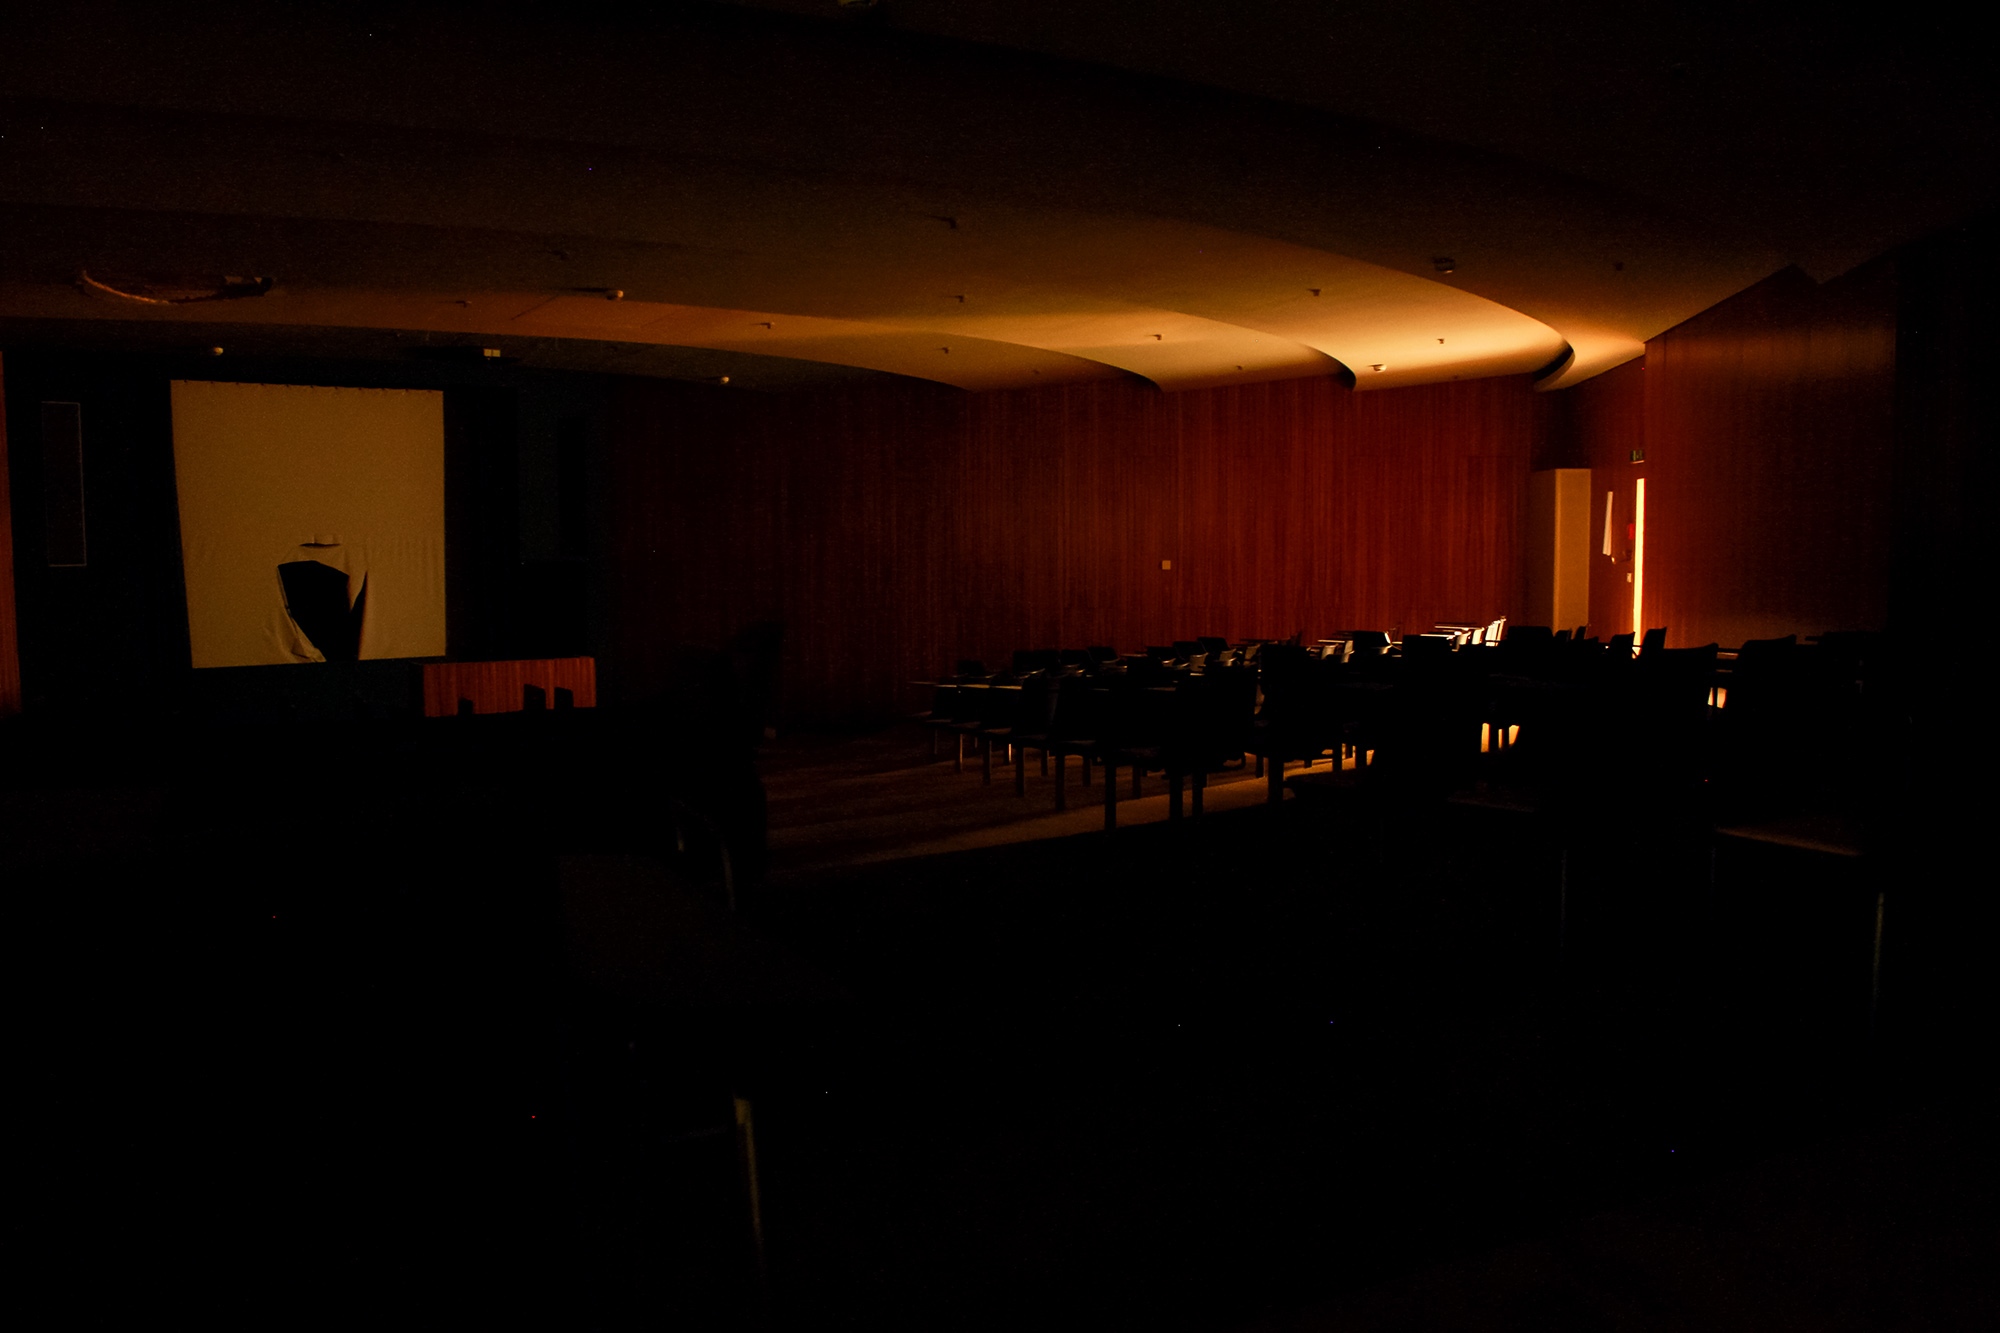 Grosser Konferenzraum , Vitopia Offenbach , Baustelle Offenbach , KWU-Areal , Leerstand , Ghost Tower , Siemens , Framatom , Lost Places , Urban Exploring , Energie , Kernkraftsparte